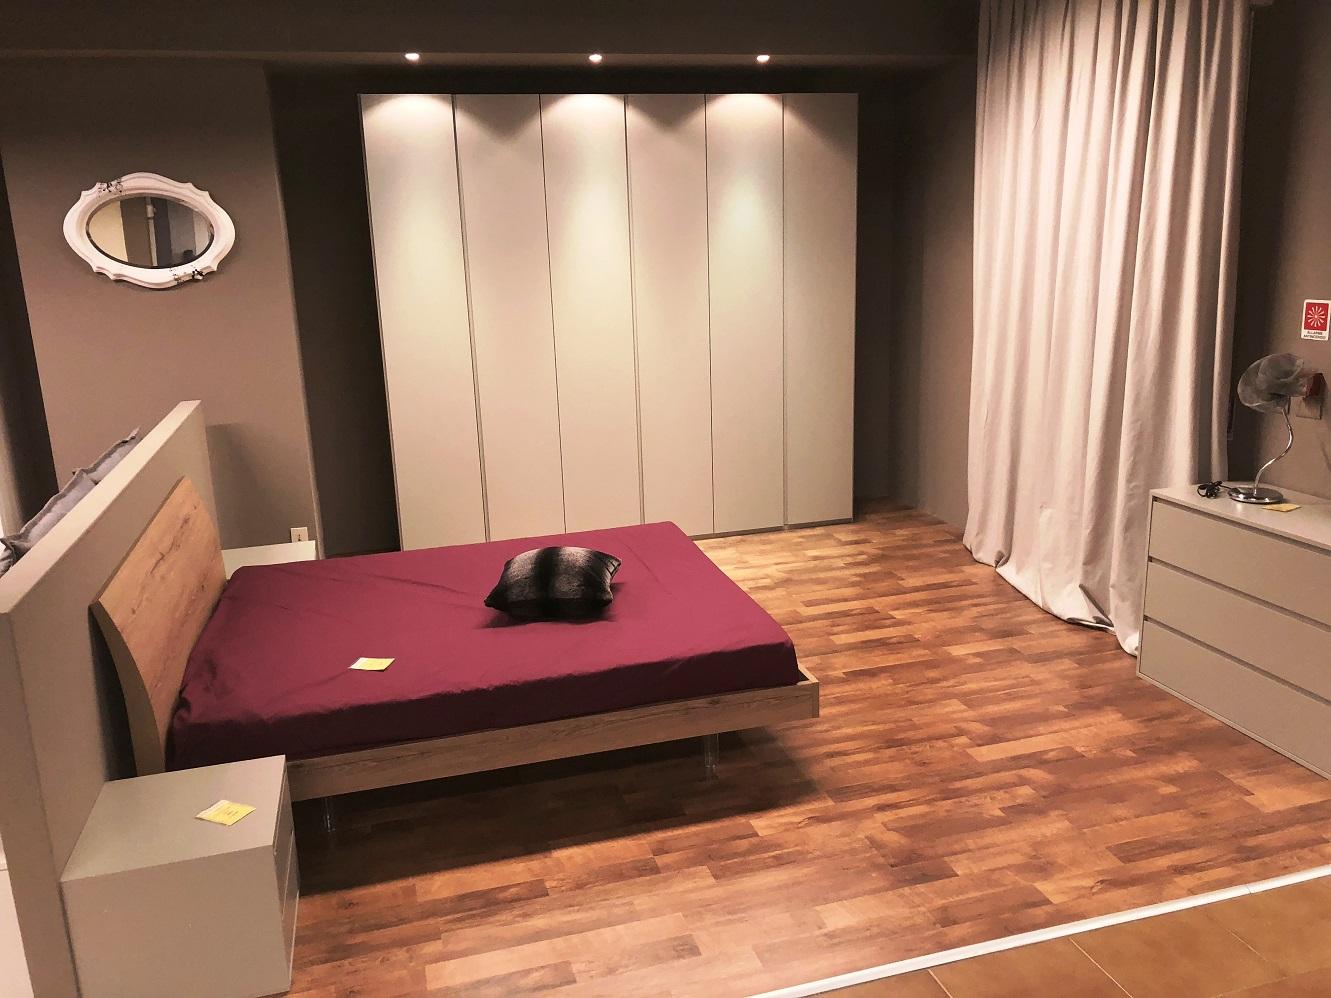 Camera da letto completa armadio apertura con gola ...